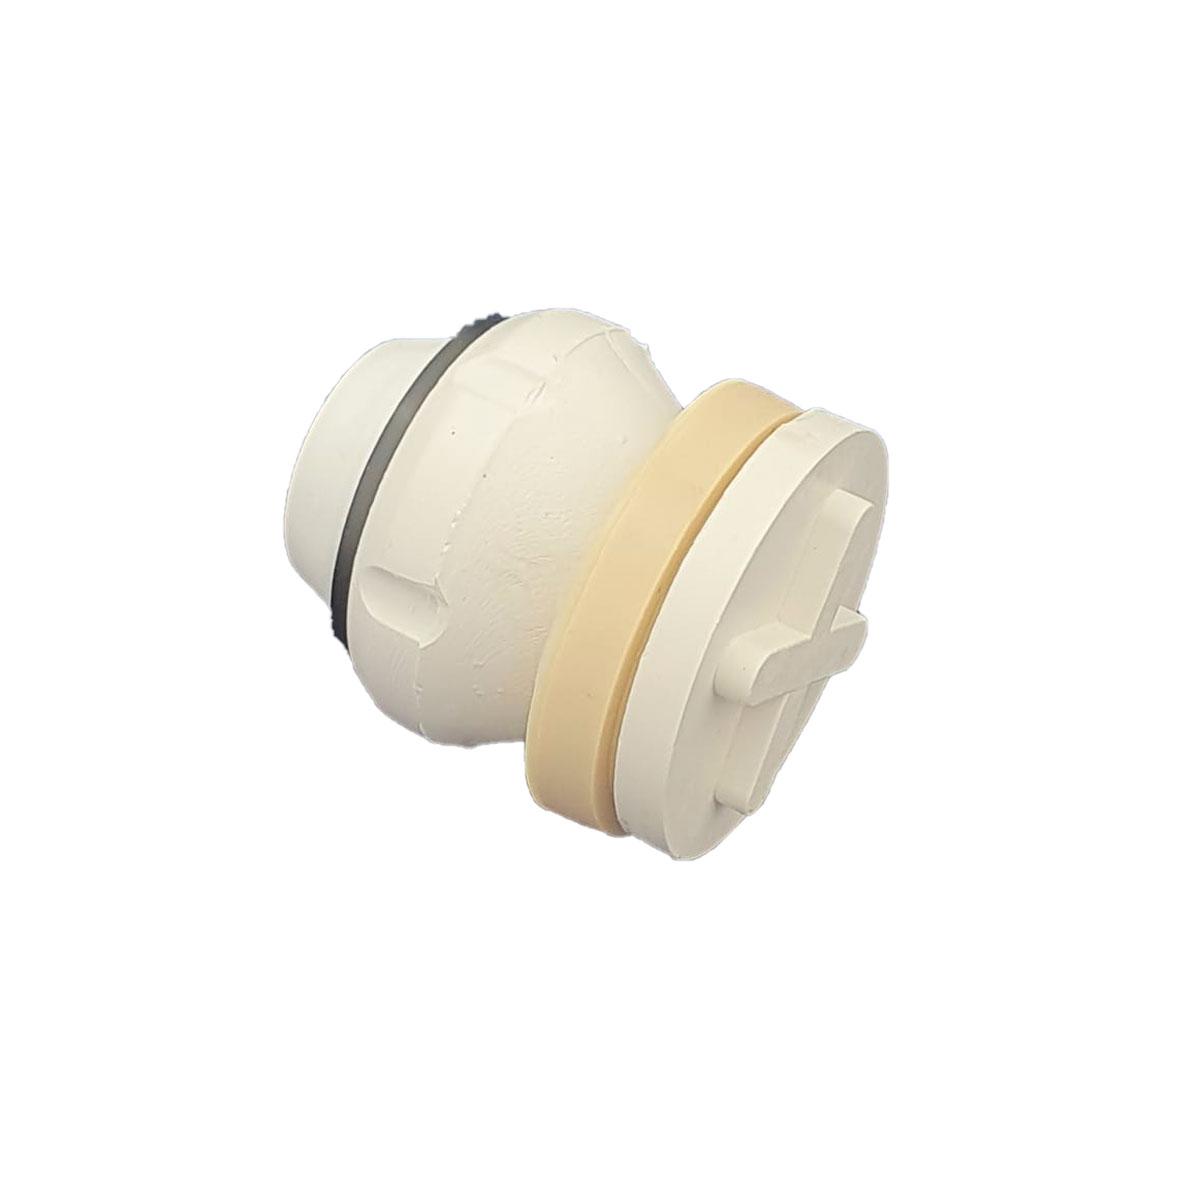 Êmbolo Válvula Primor 40mm/ Super Baixa Pressão Oriente